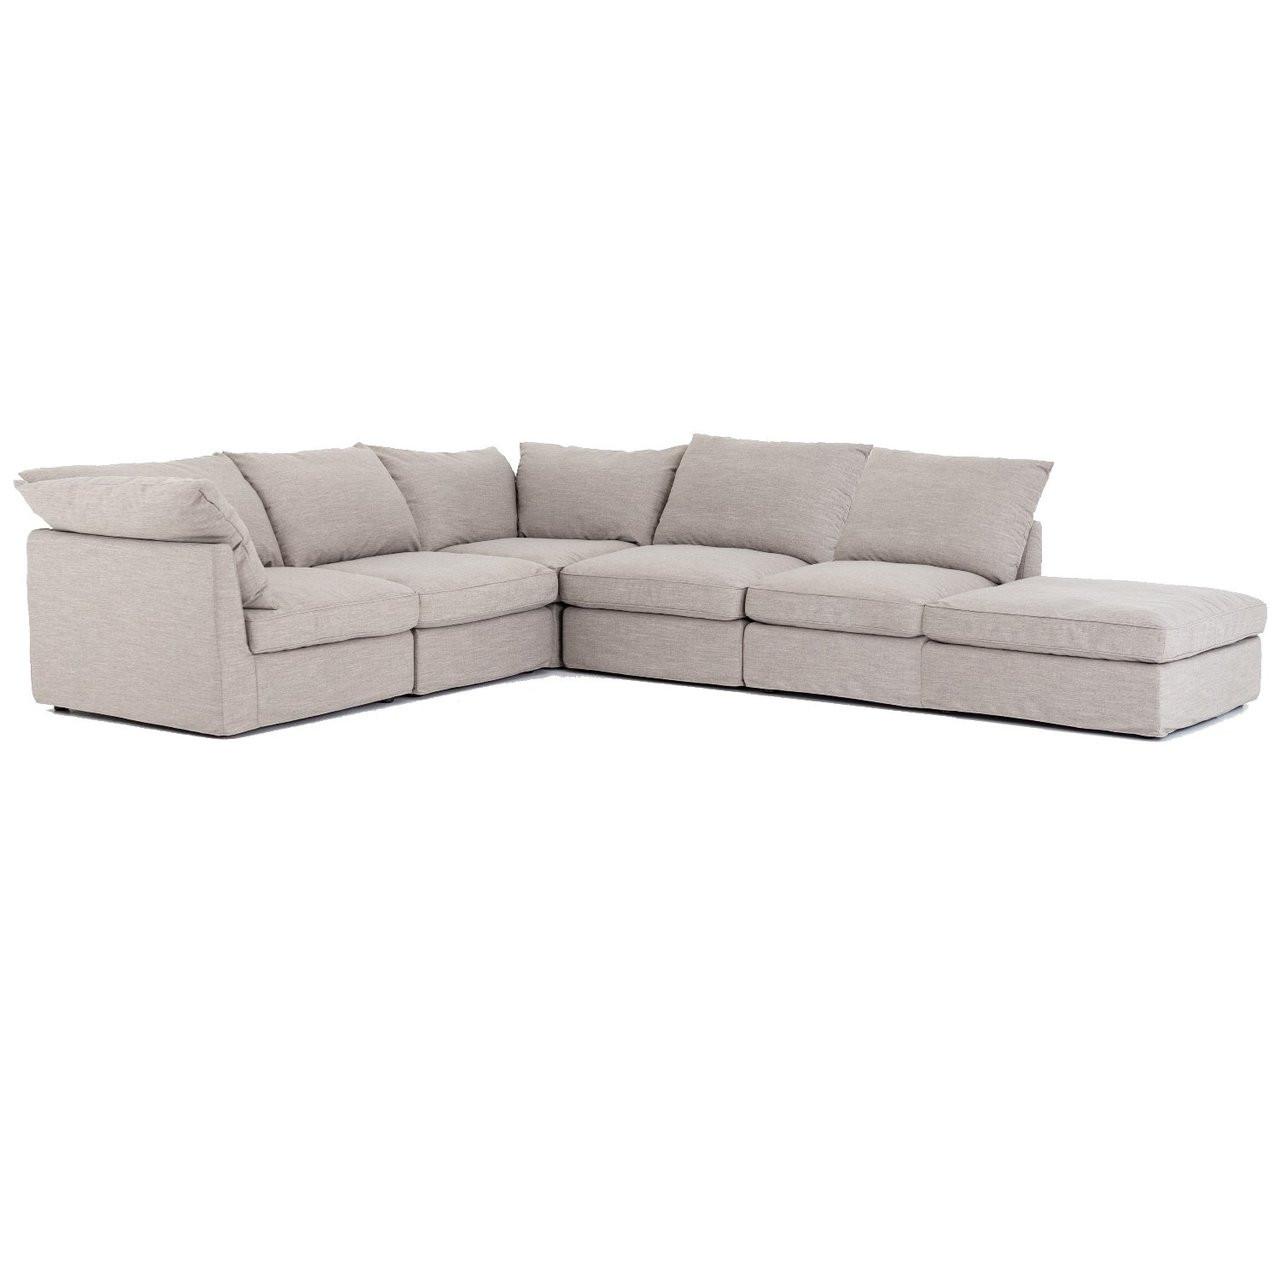 Ordinaire Paul Coastal Grey 6 Piece Modular Sectional Sofa